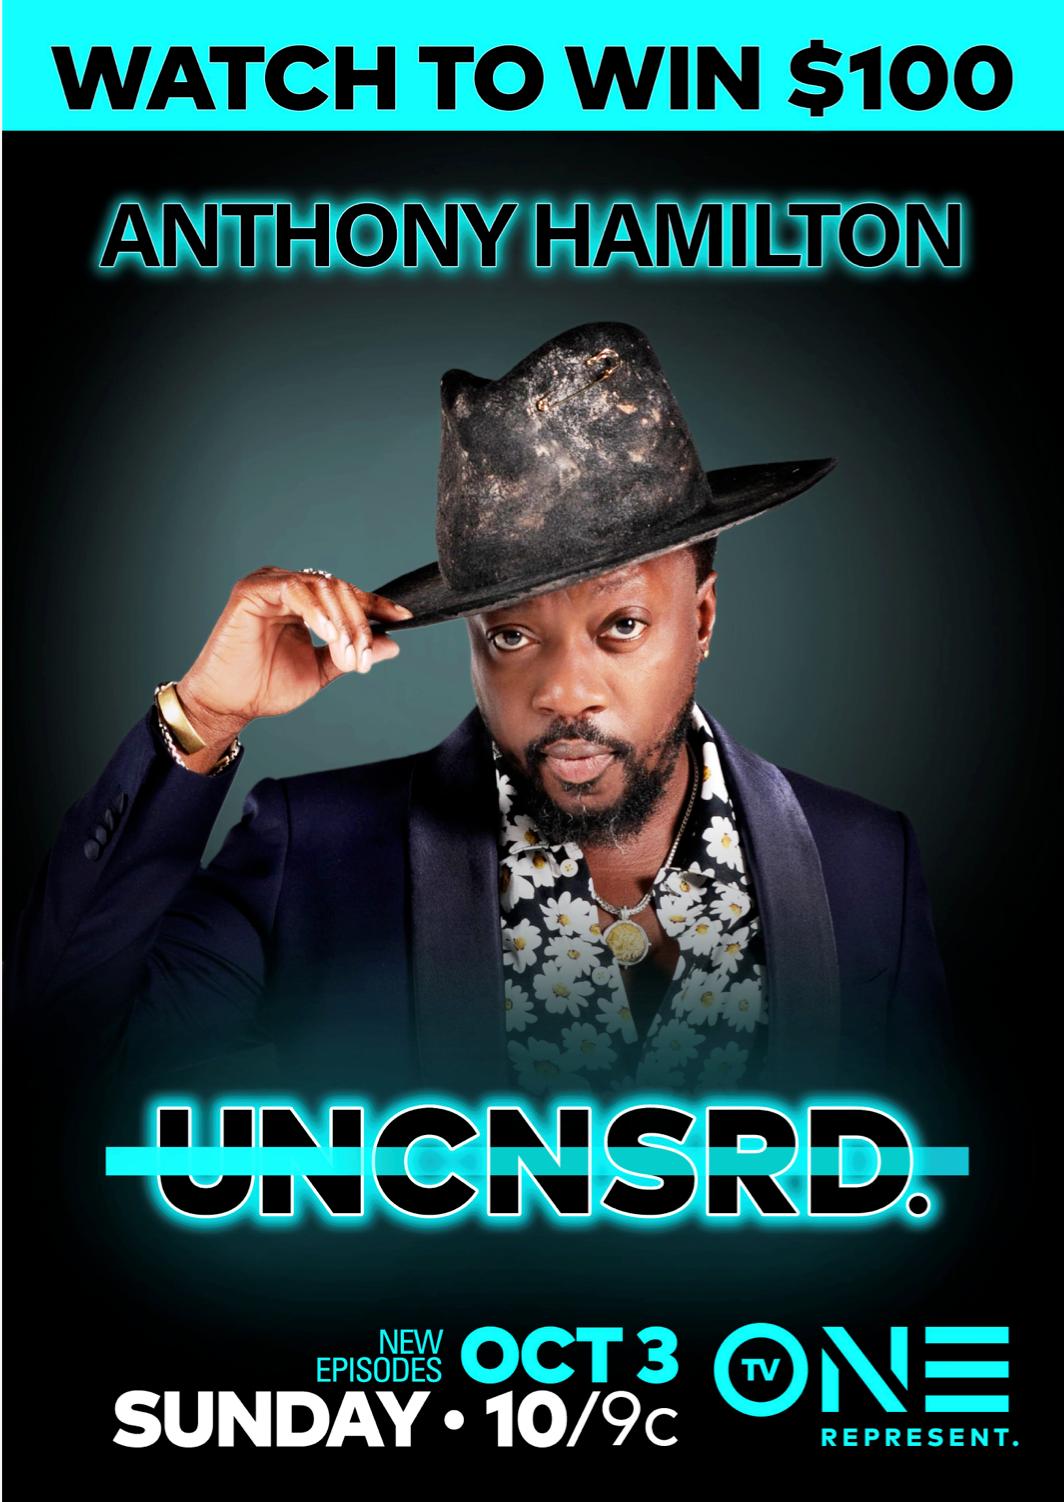 Anthony Hamilton TV One Uncensored